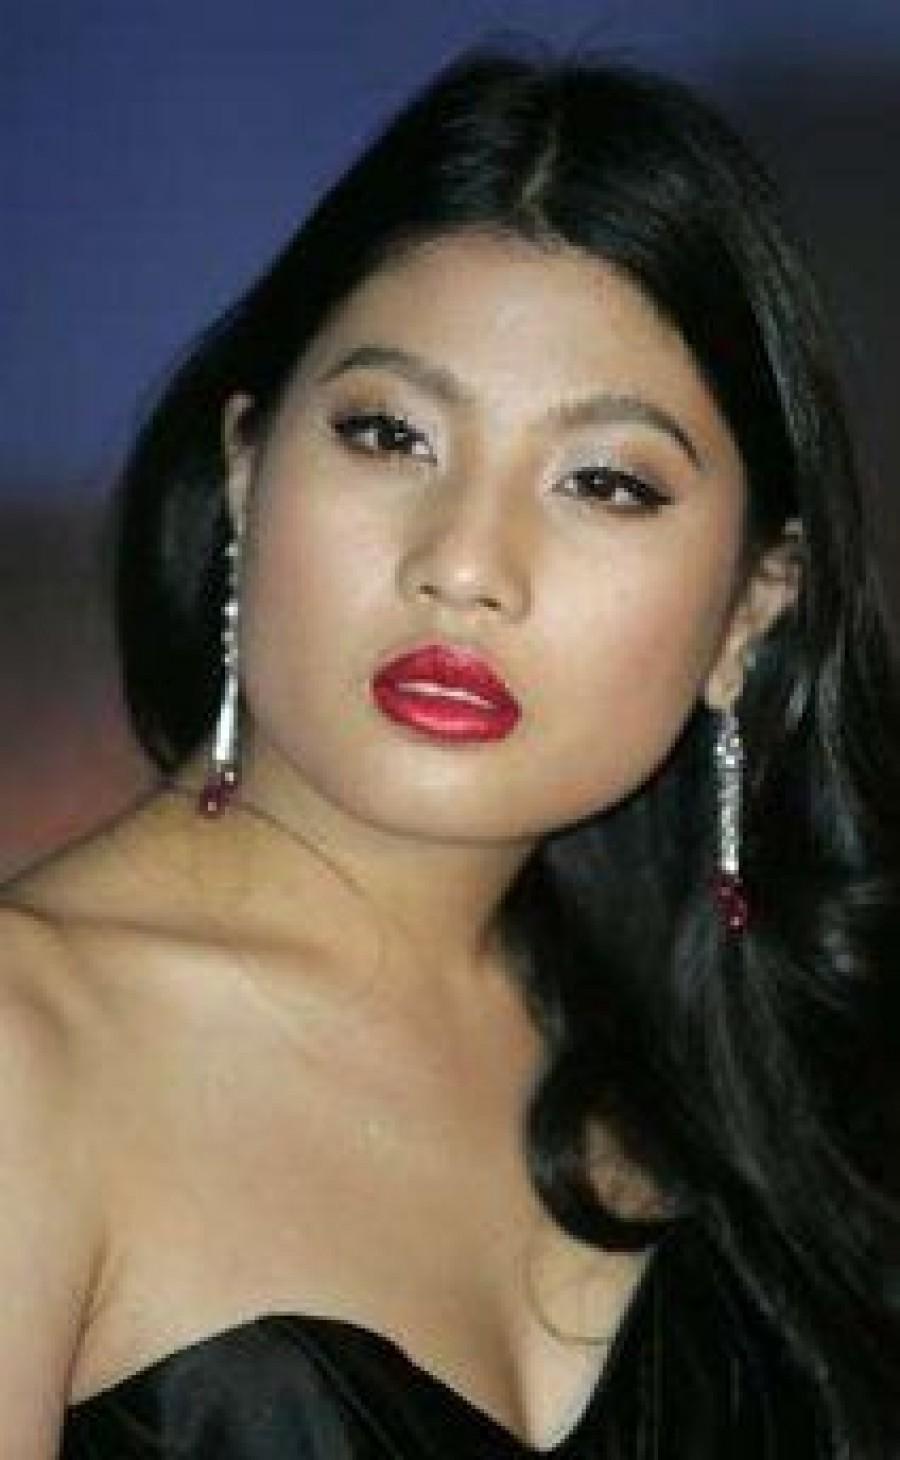 Тайская принцесса выпустила новую линию одежды